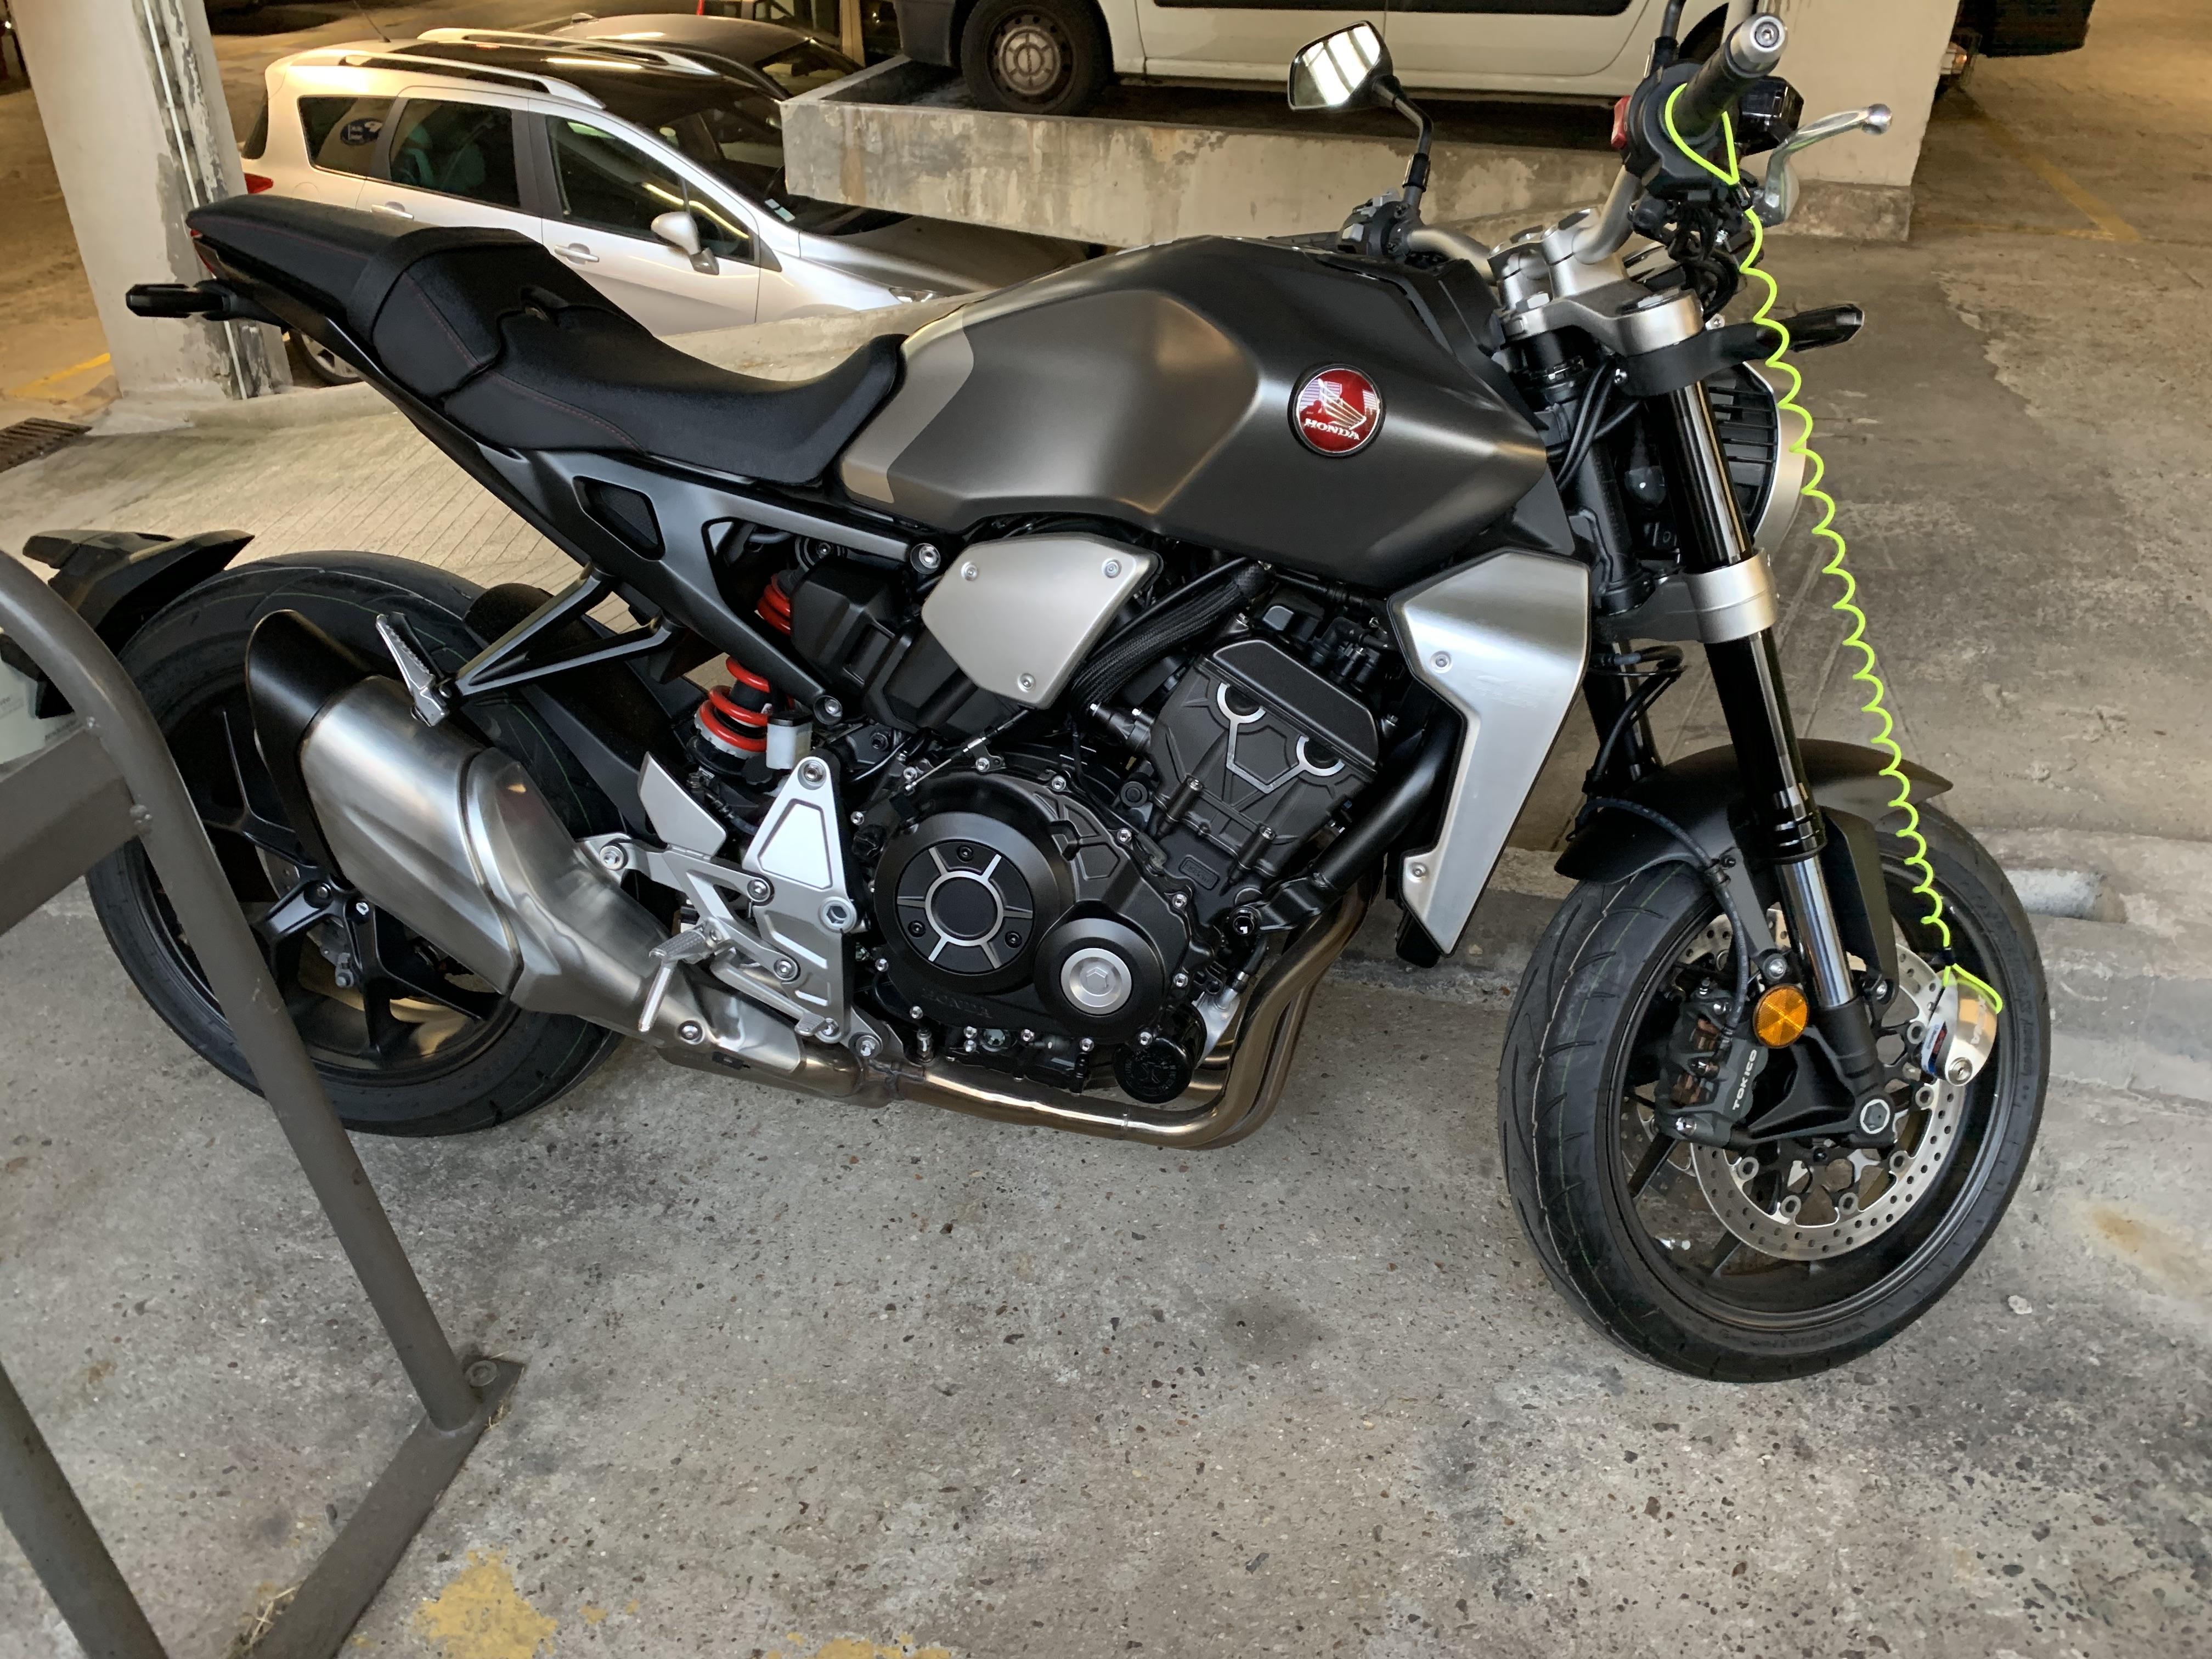 2016 Honda CB 1300S Super Bol Dor Special Edition